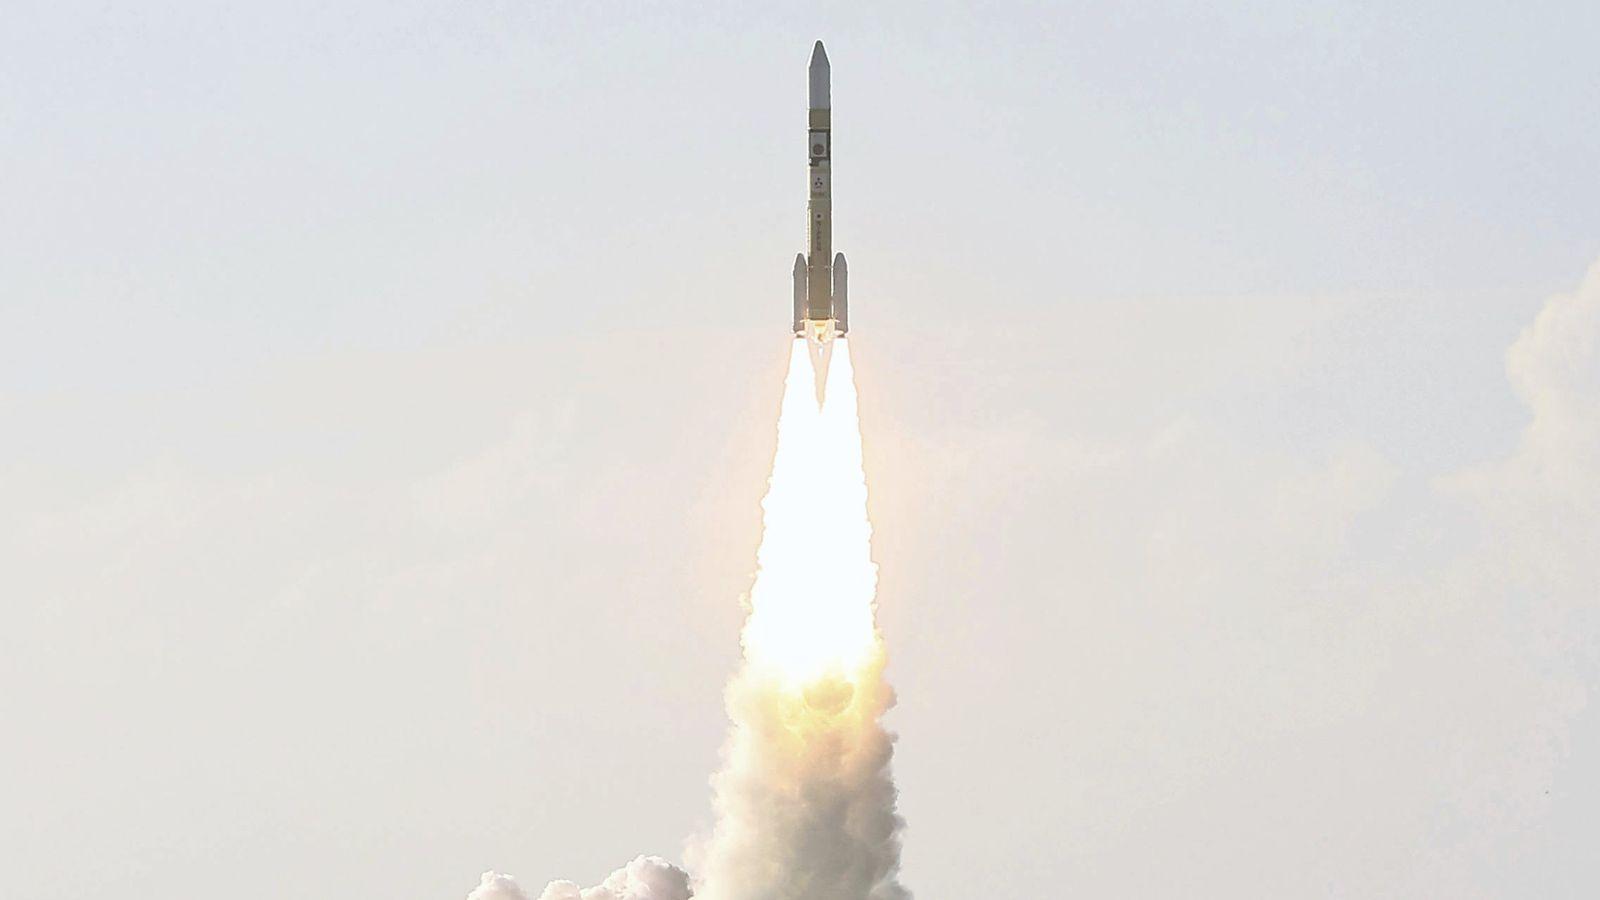 La sonde Espoir, développée par le Centre spatial Mohammed Bin Rashid aux Émirats arabes unis, a ...